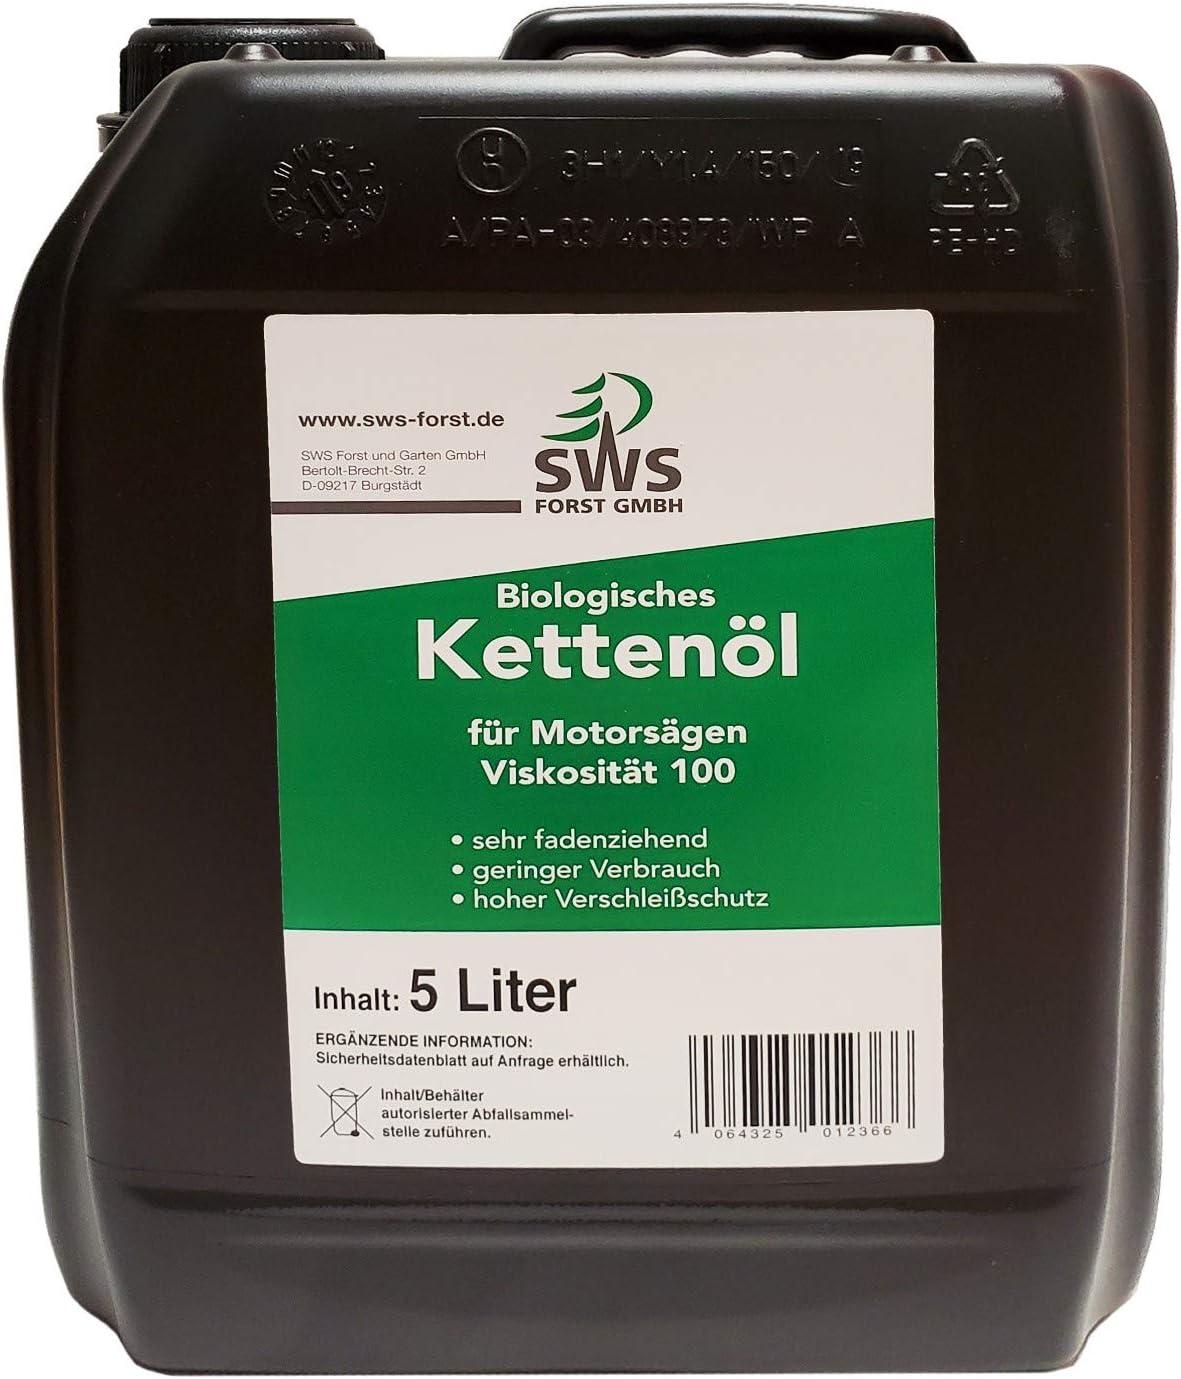 Aceite biológico para cadenas de motosierra, 100 bidones de 5 litros